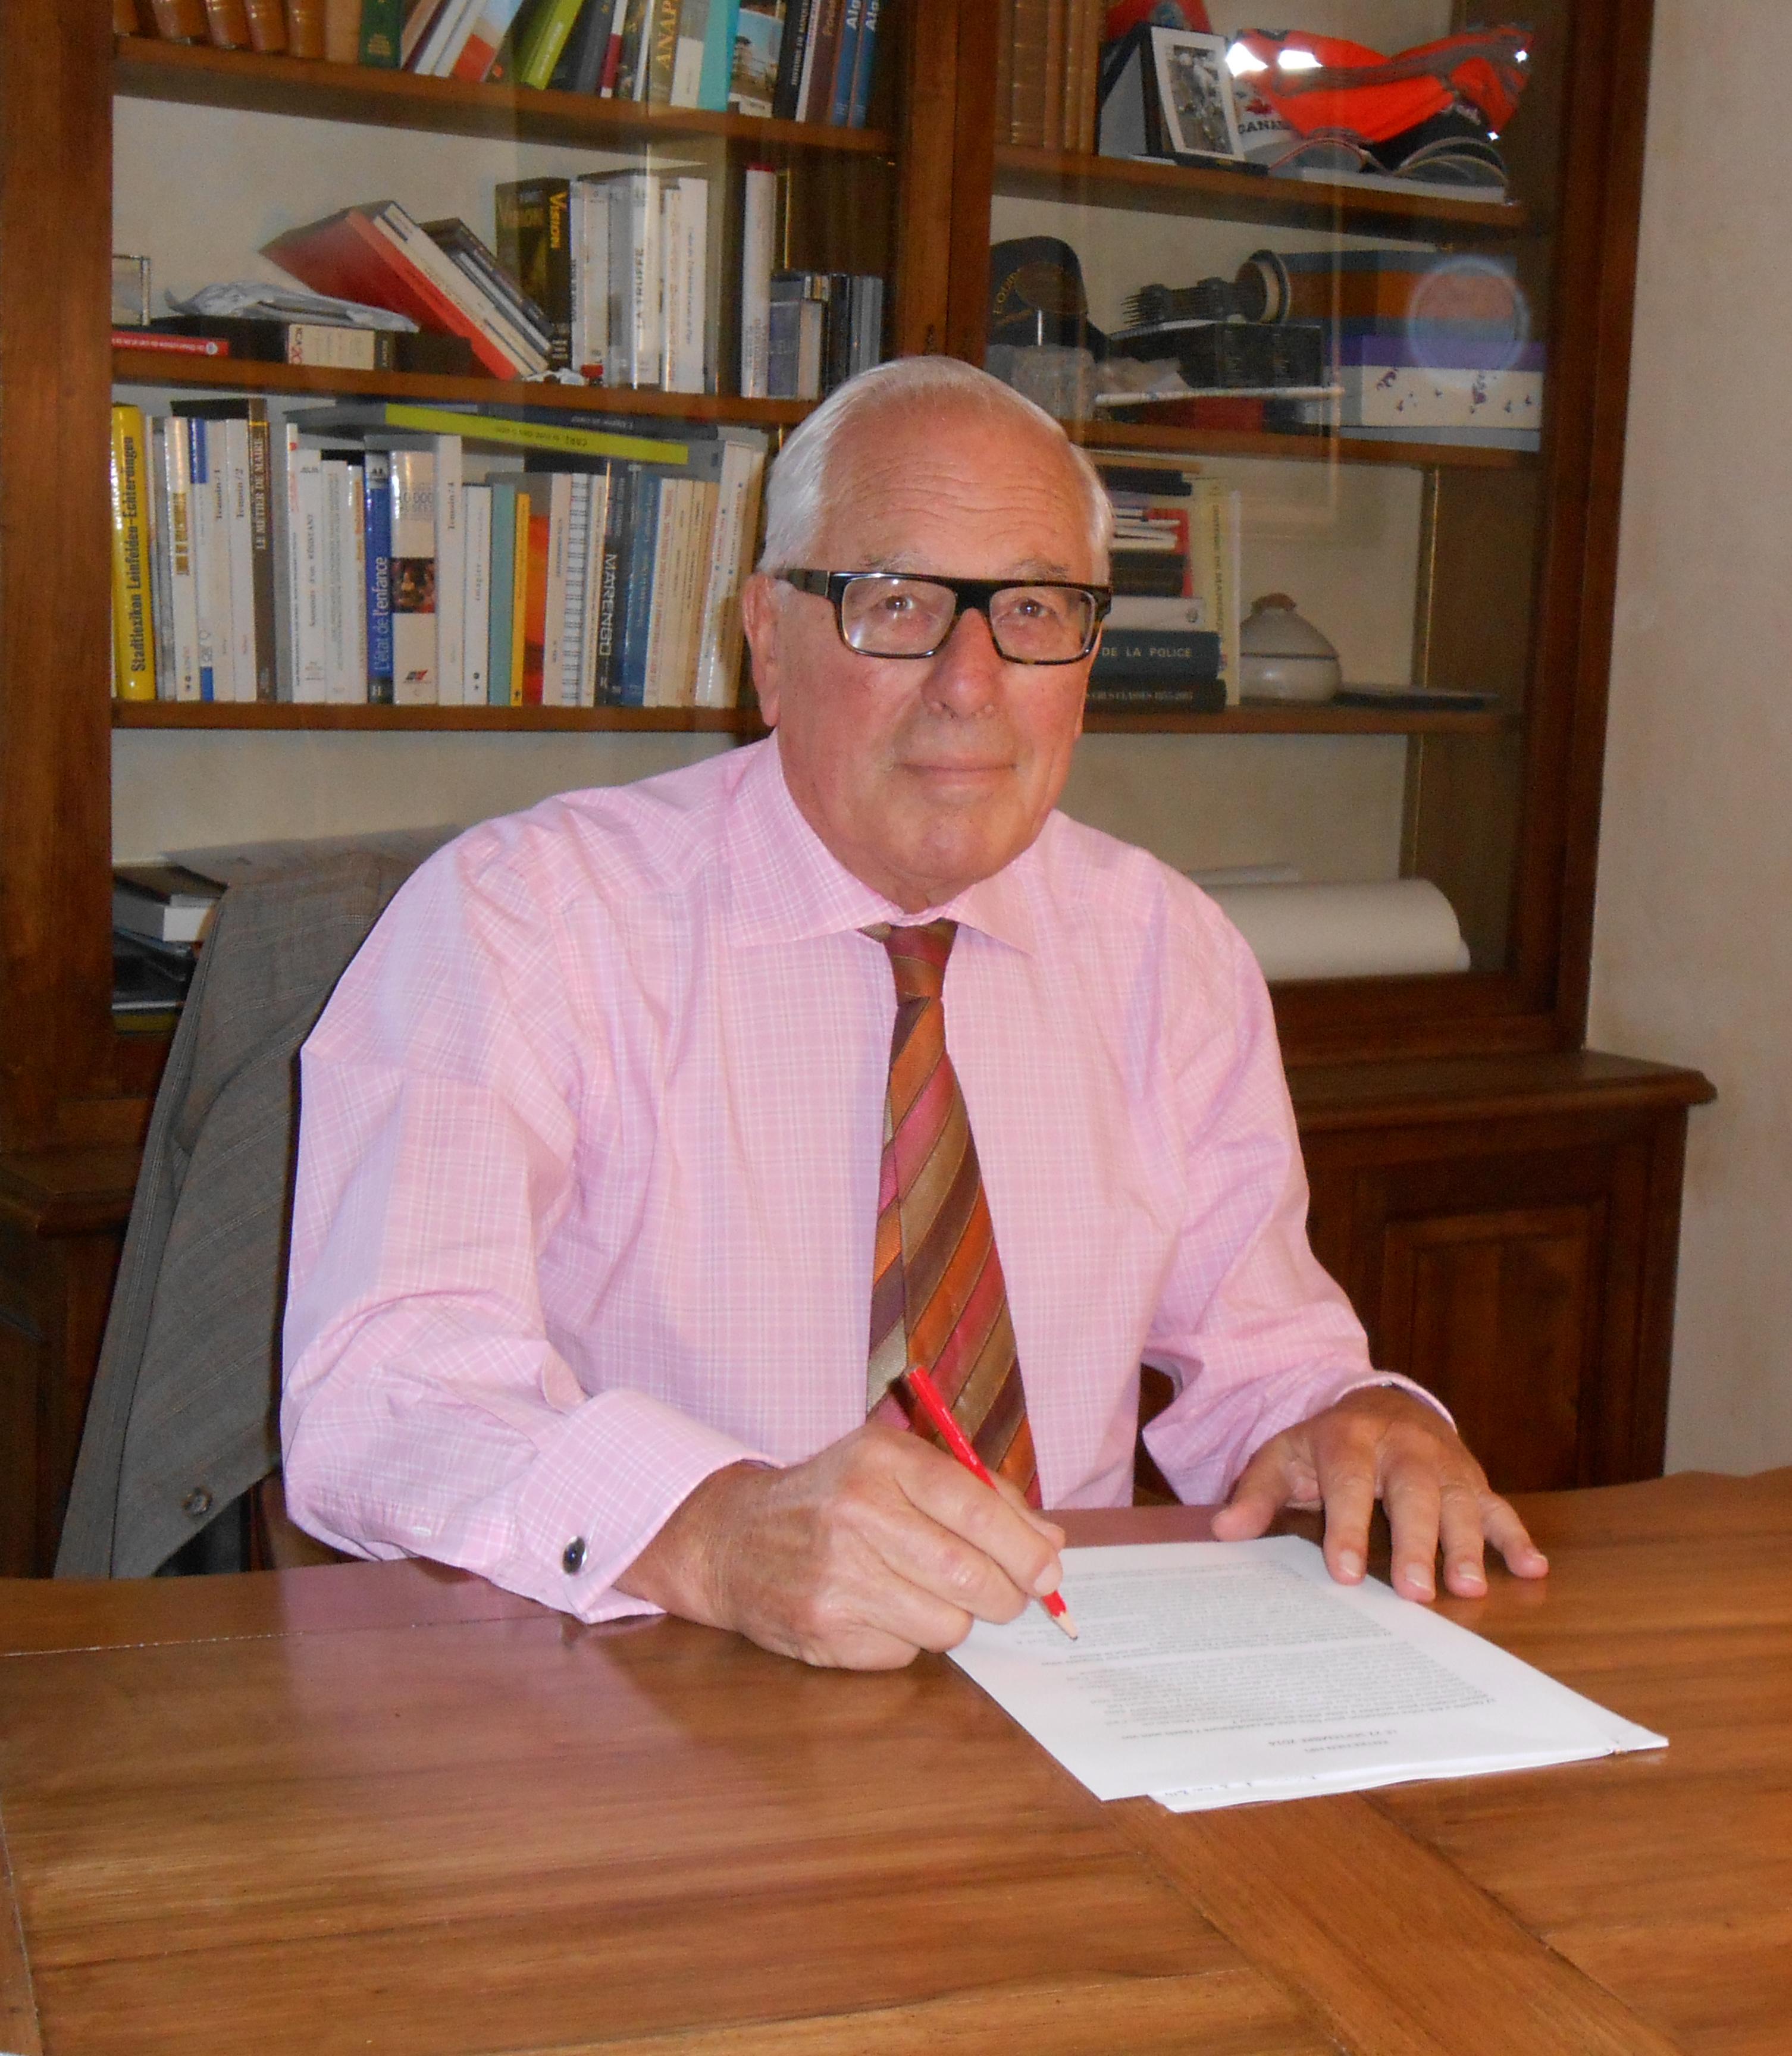 La suite des interviews des candidats aux sénatoriales, aujourd'hui nous entendrons Bernard Jeanmet